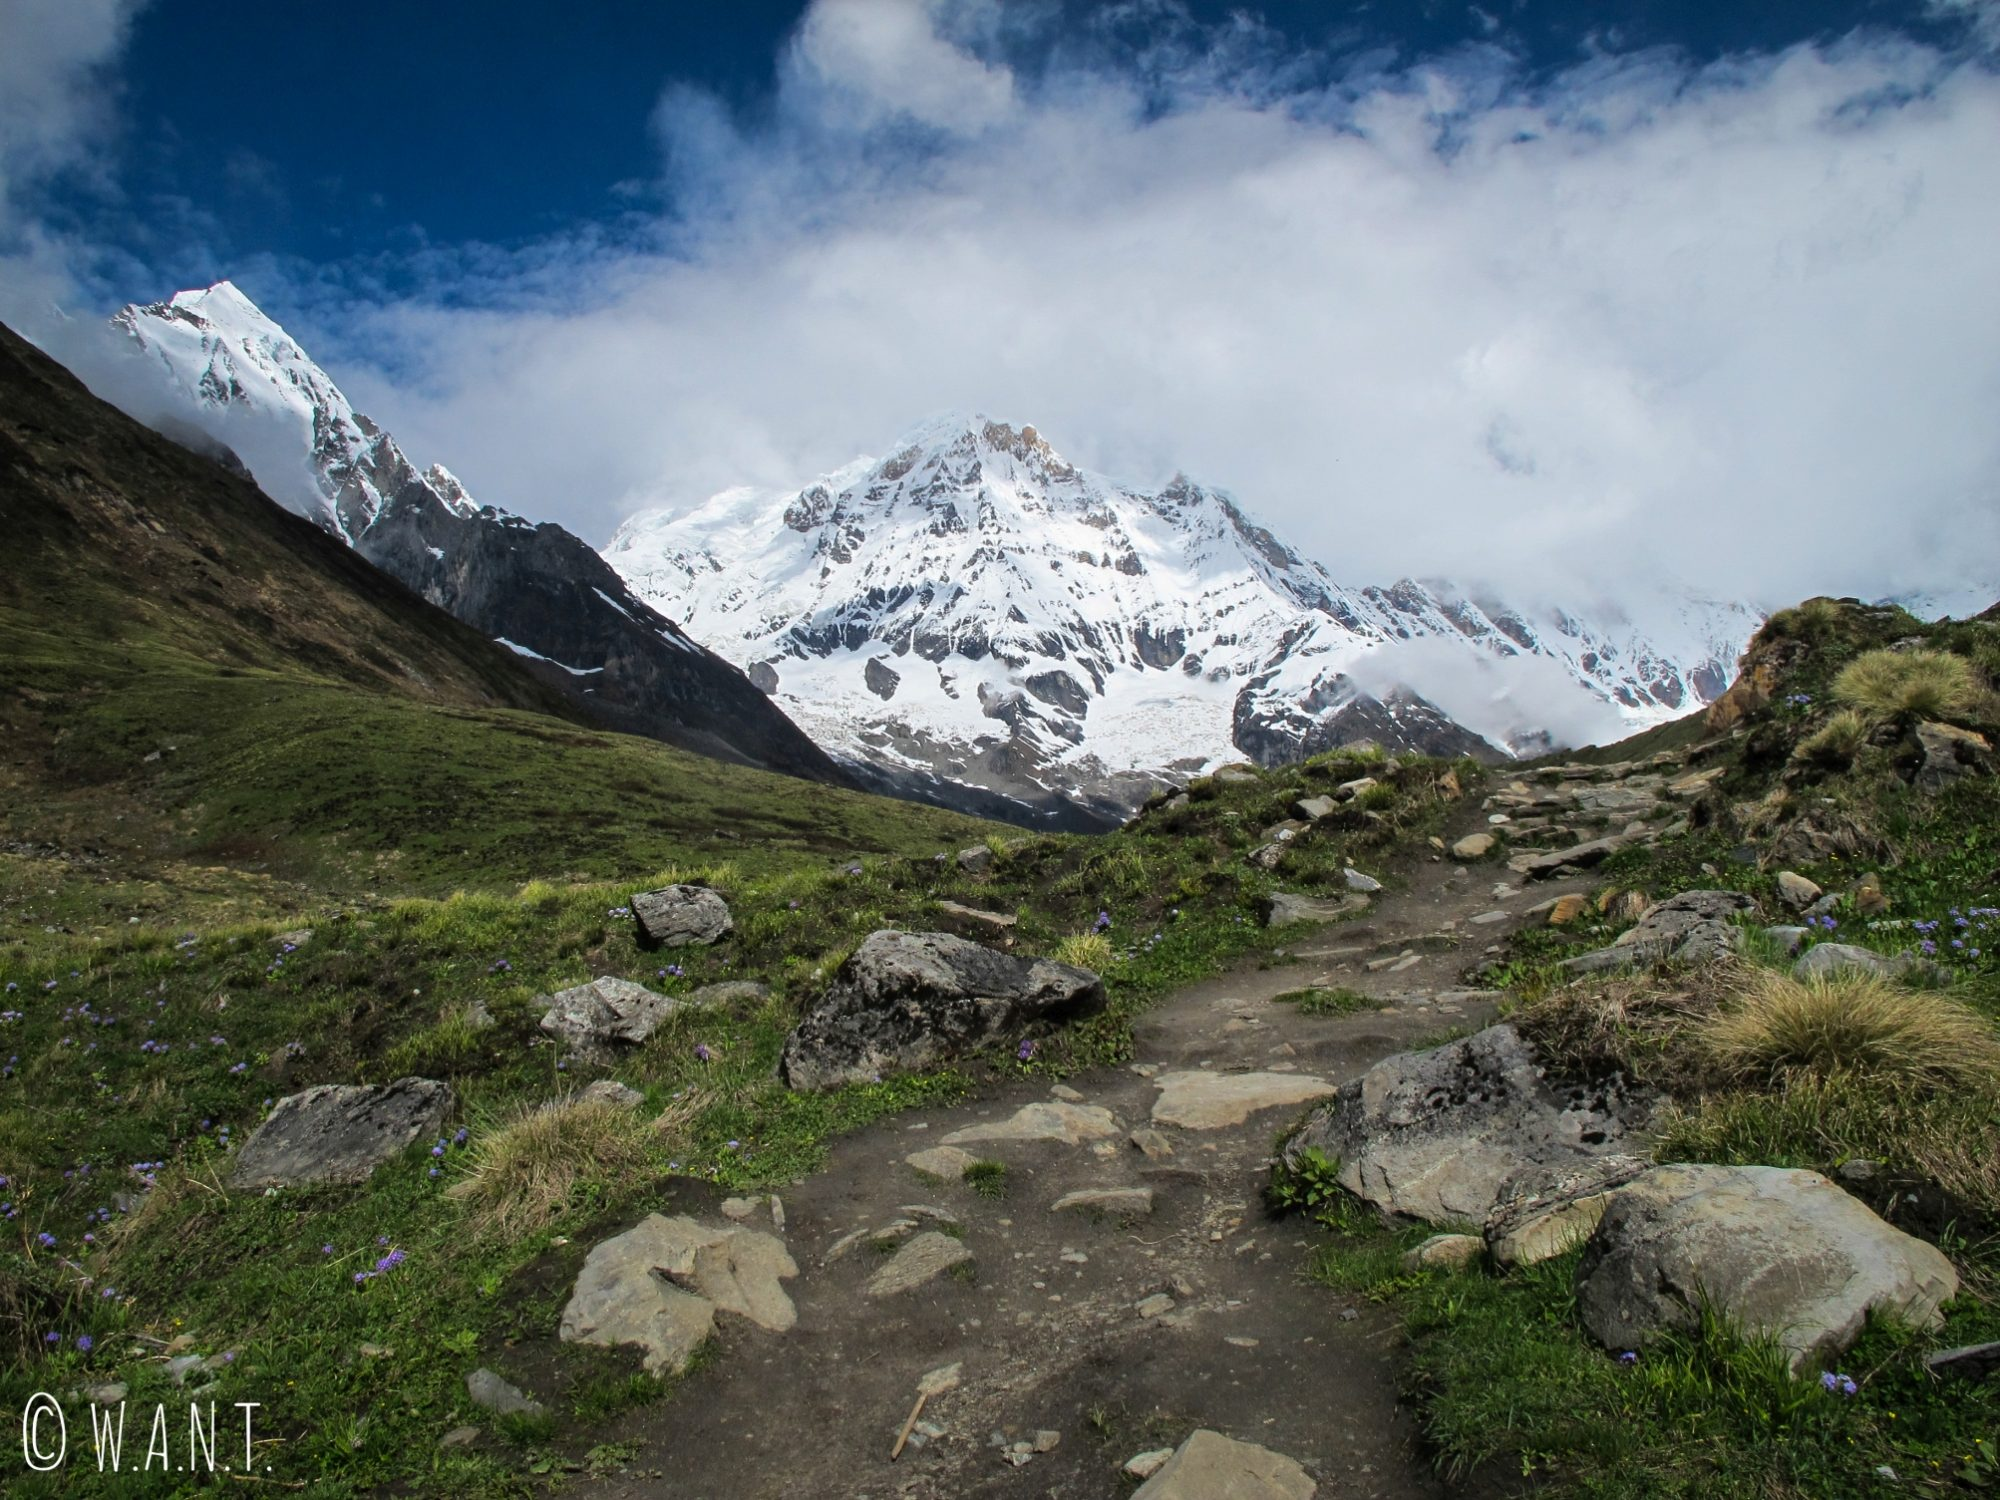 Magnifique vue sur les Annapurnas depuis la montée vers le camp de base